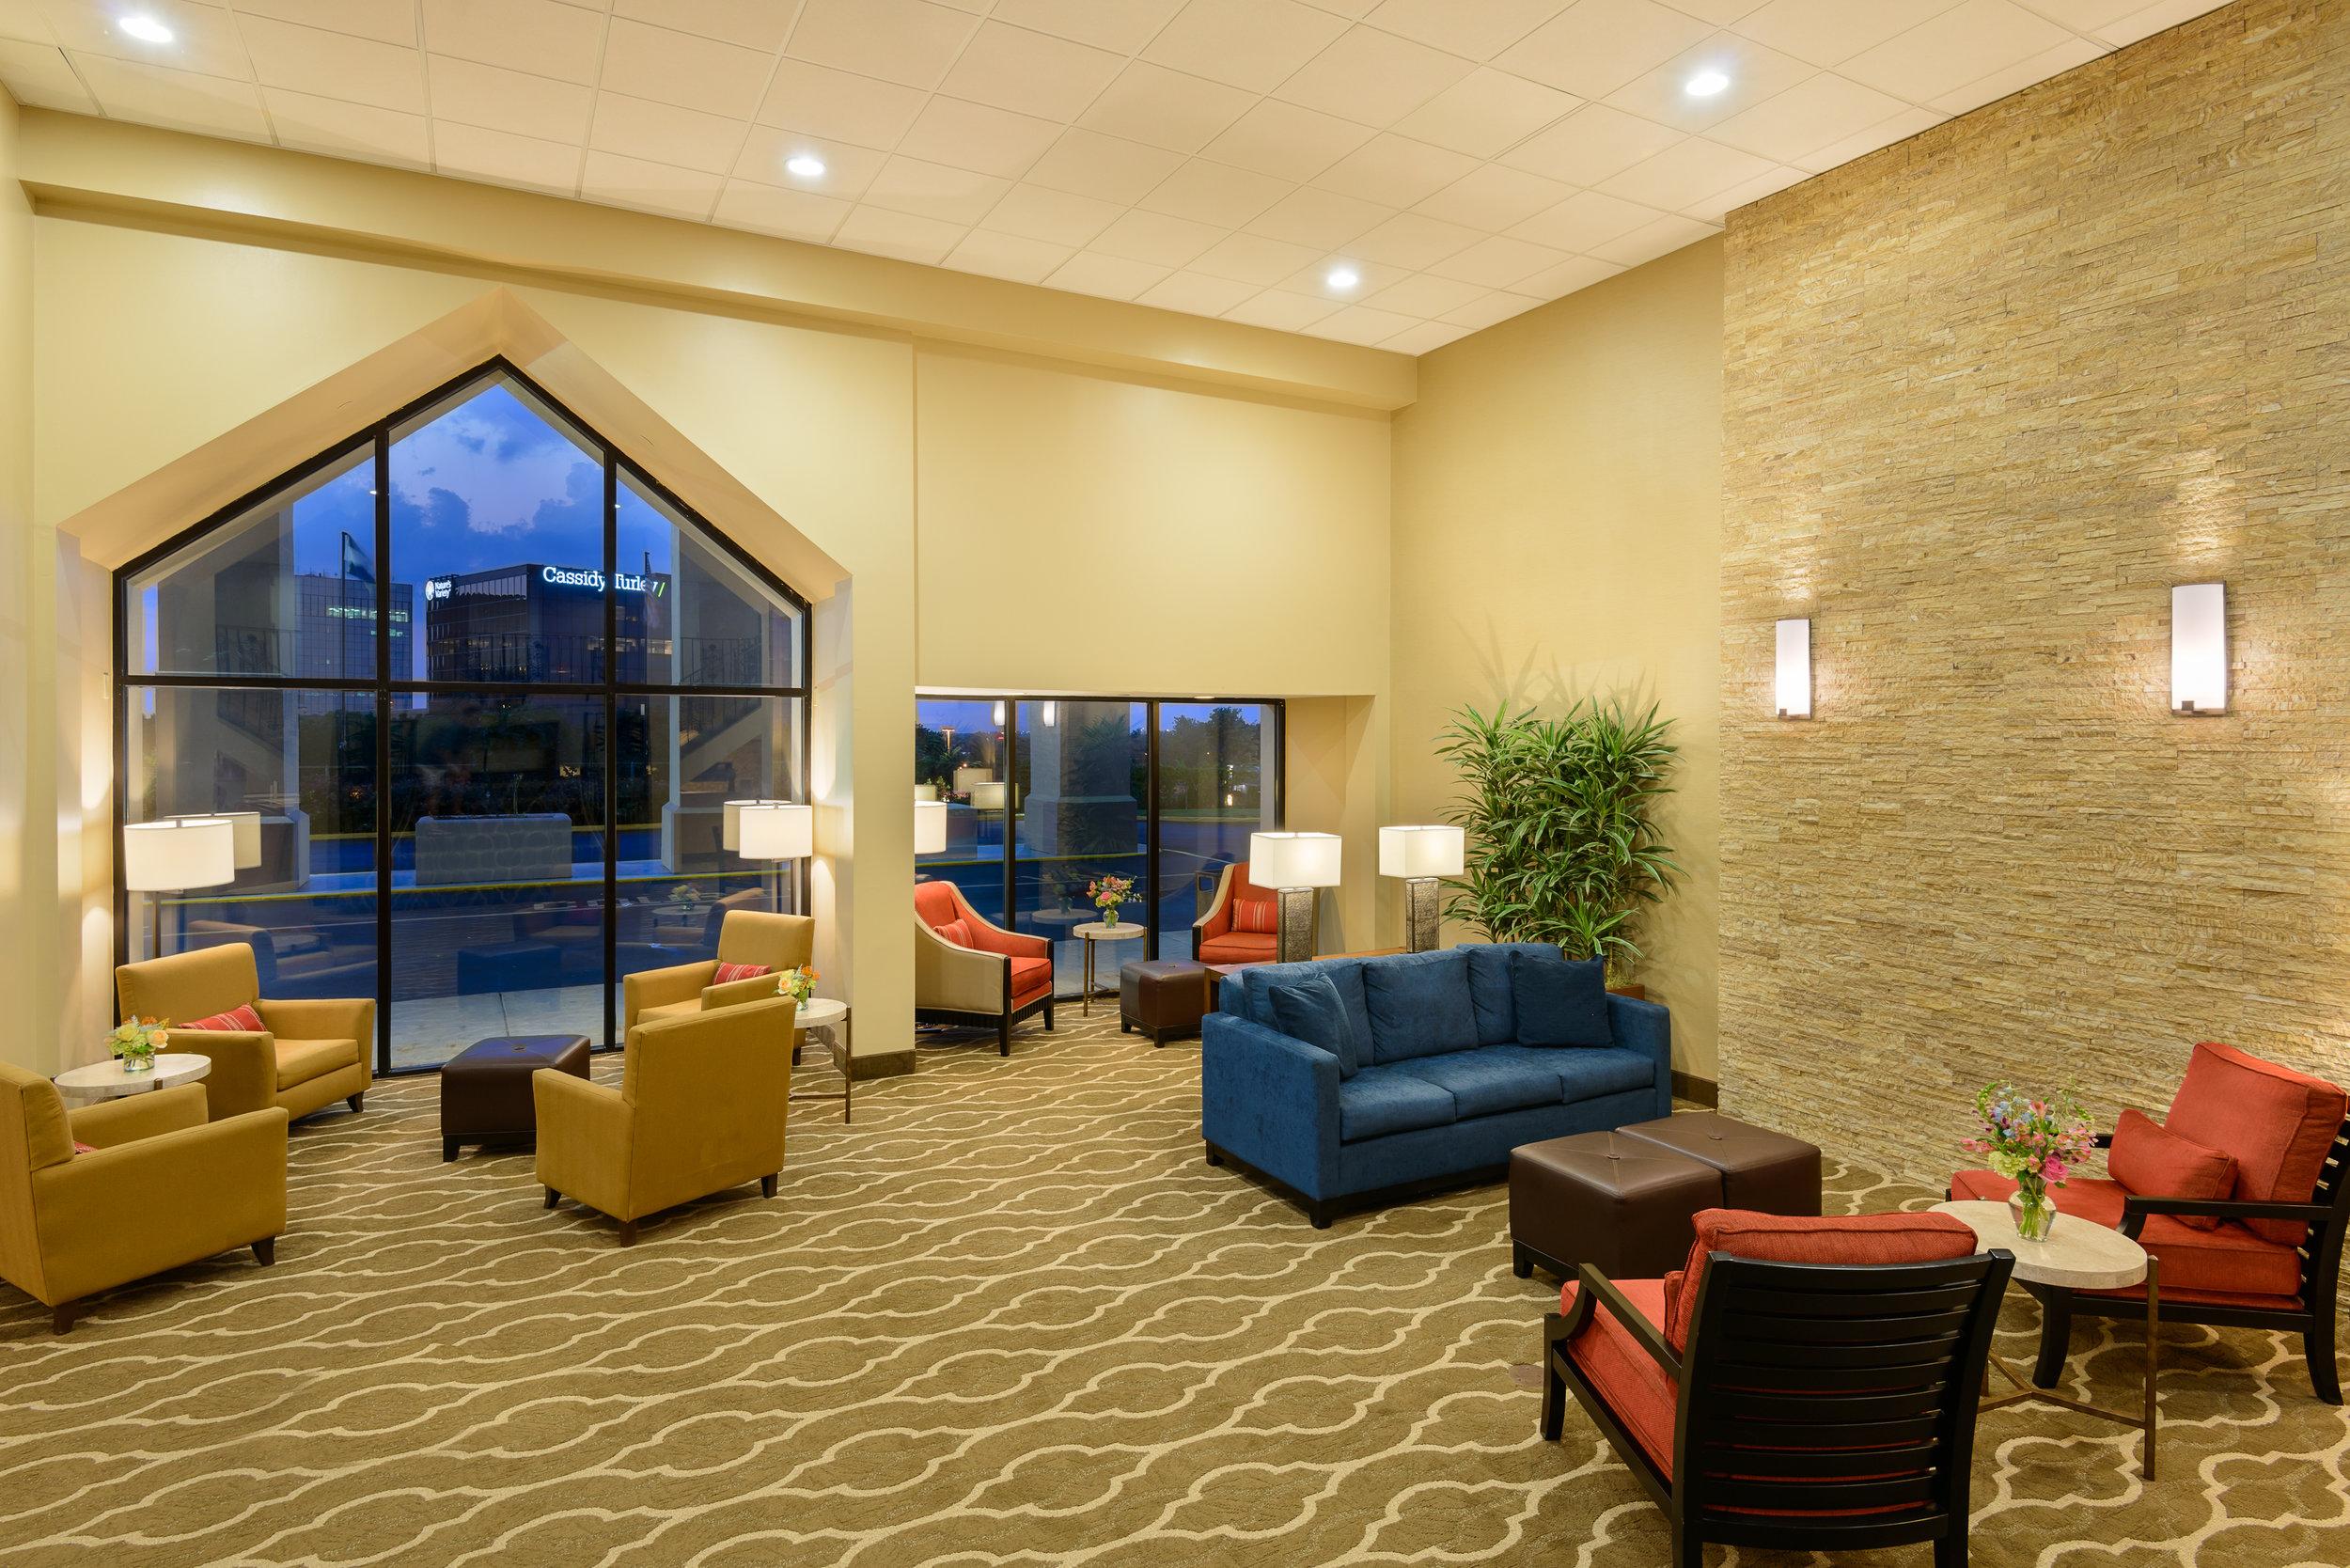 Comfort Inn Lobby Design